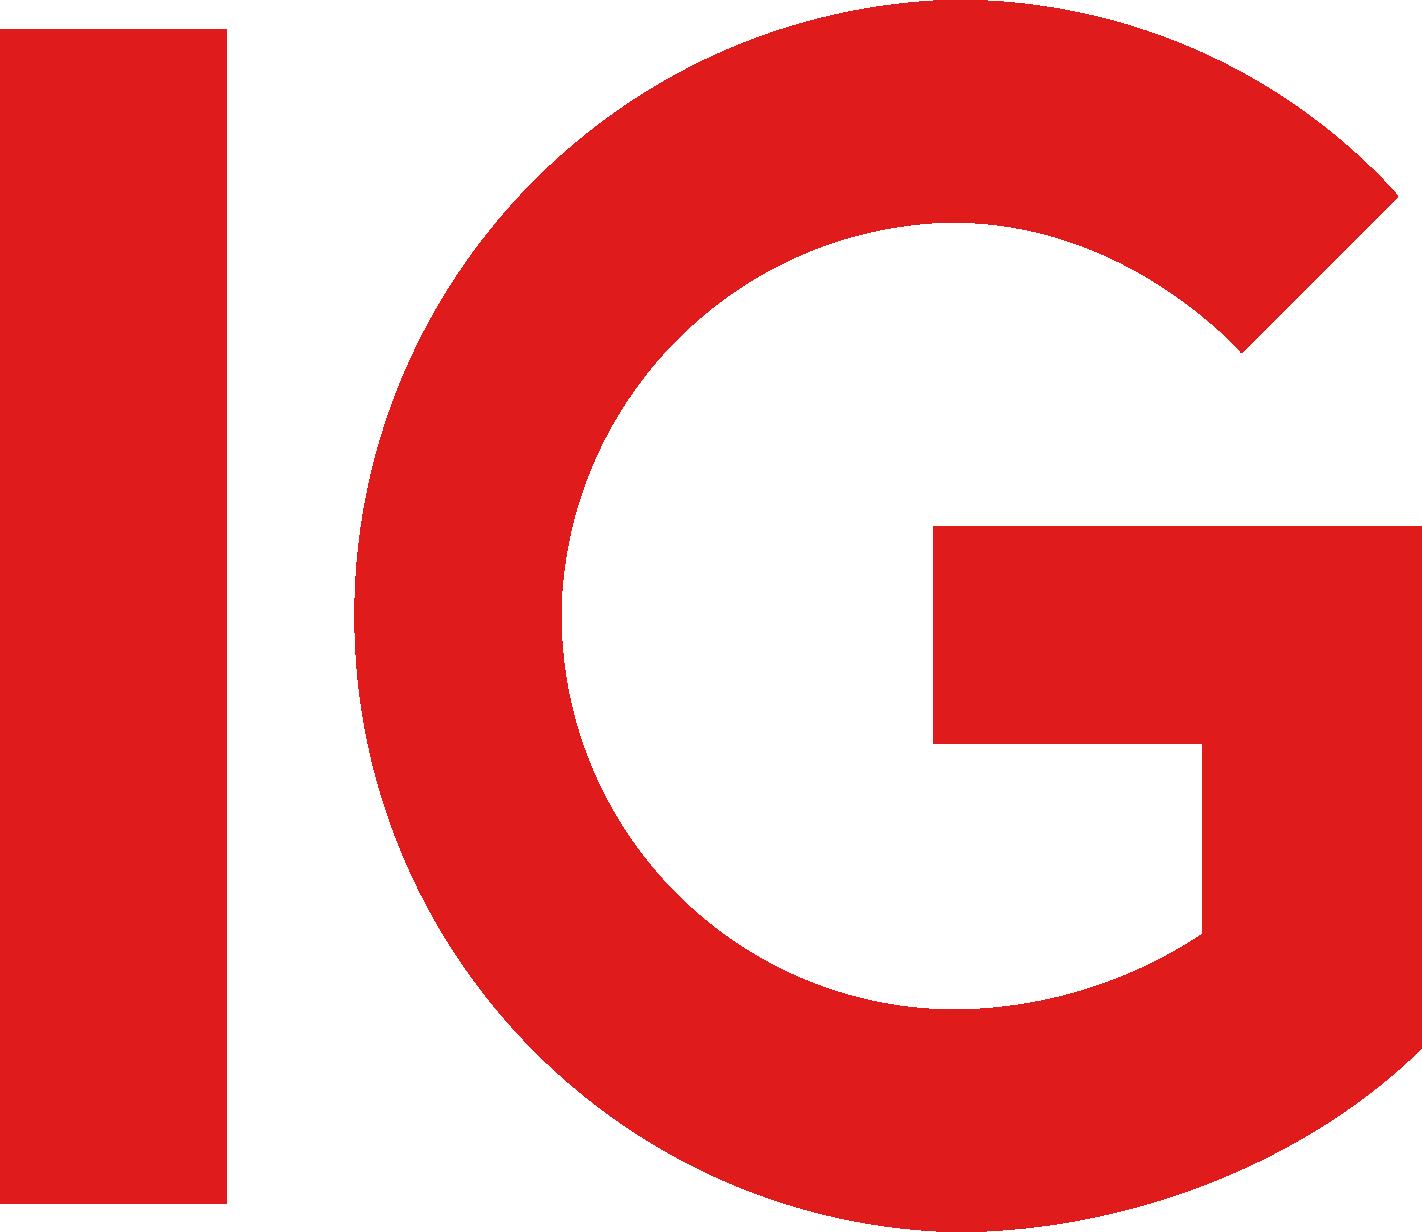 IG Group Logo png